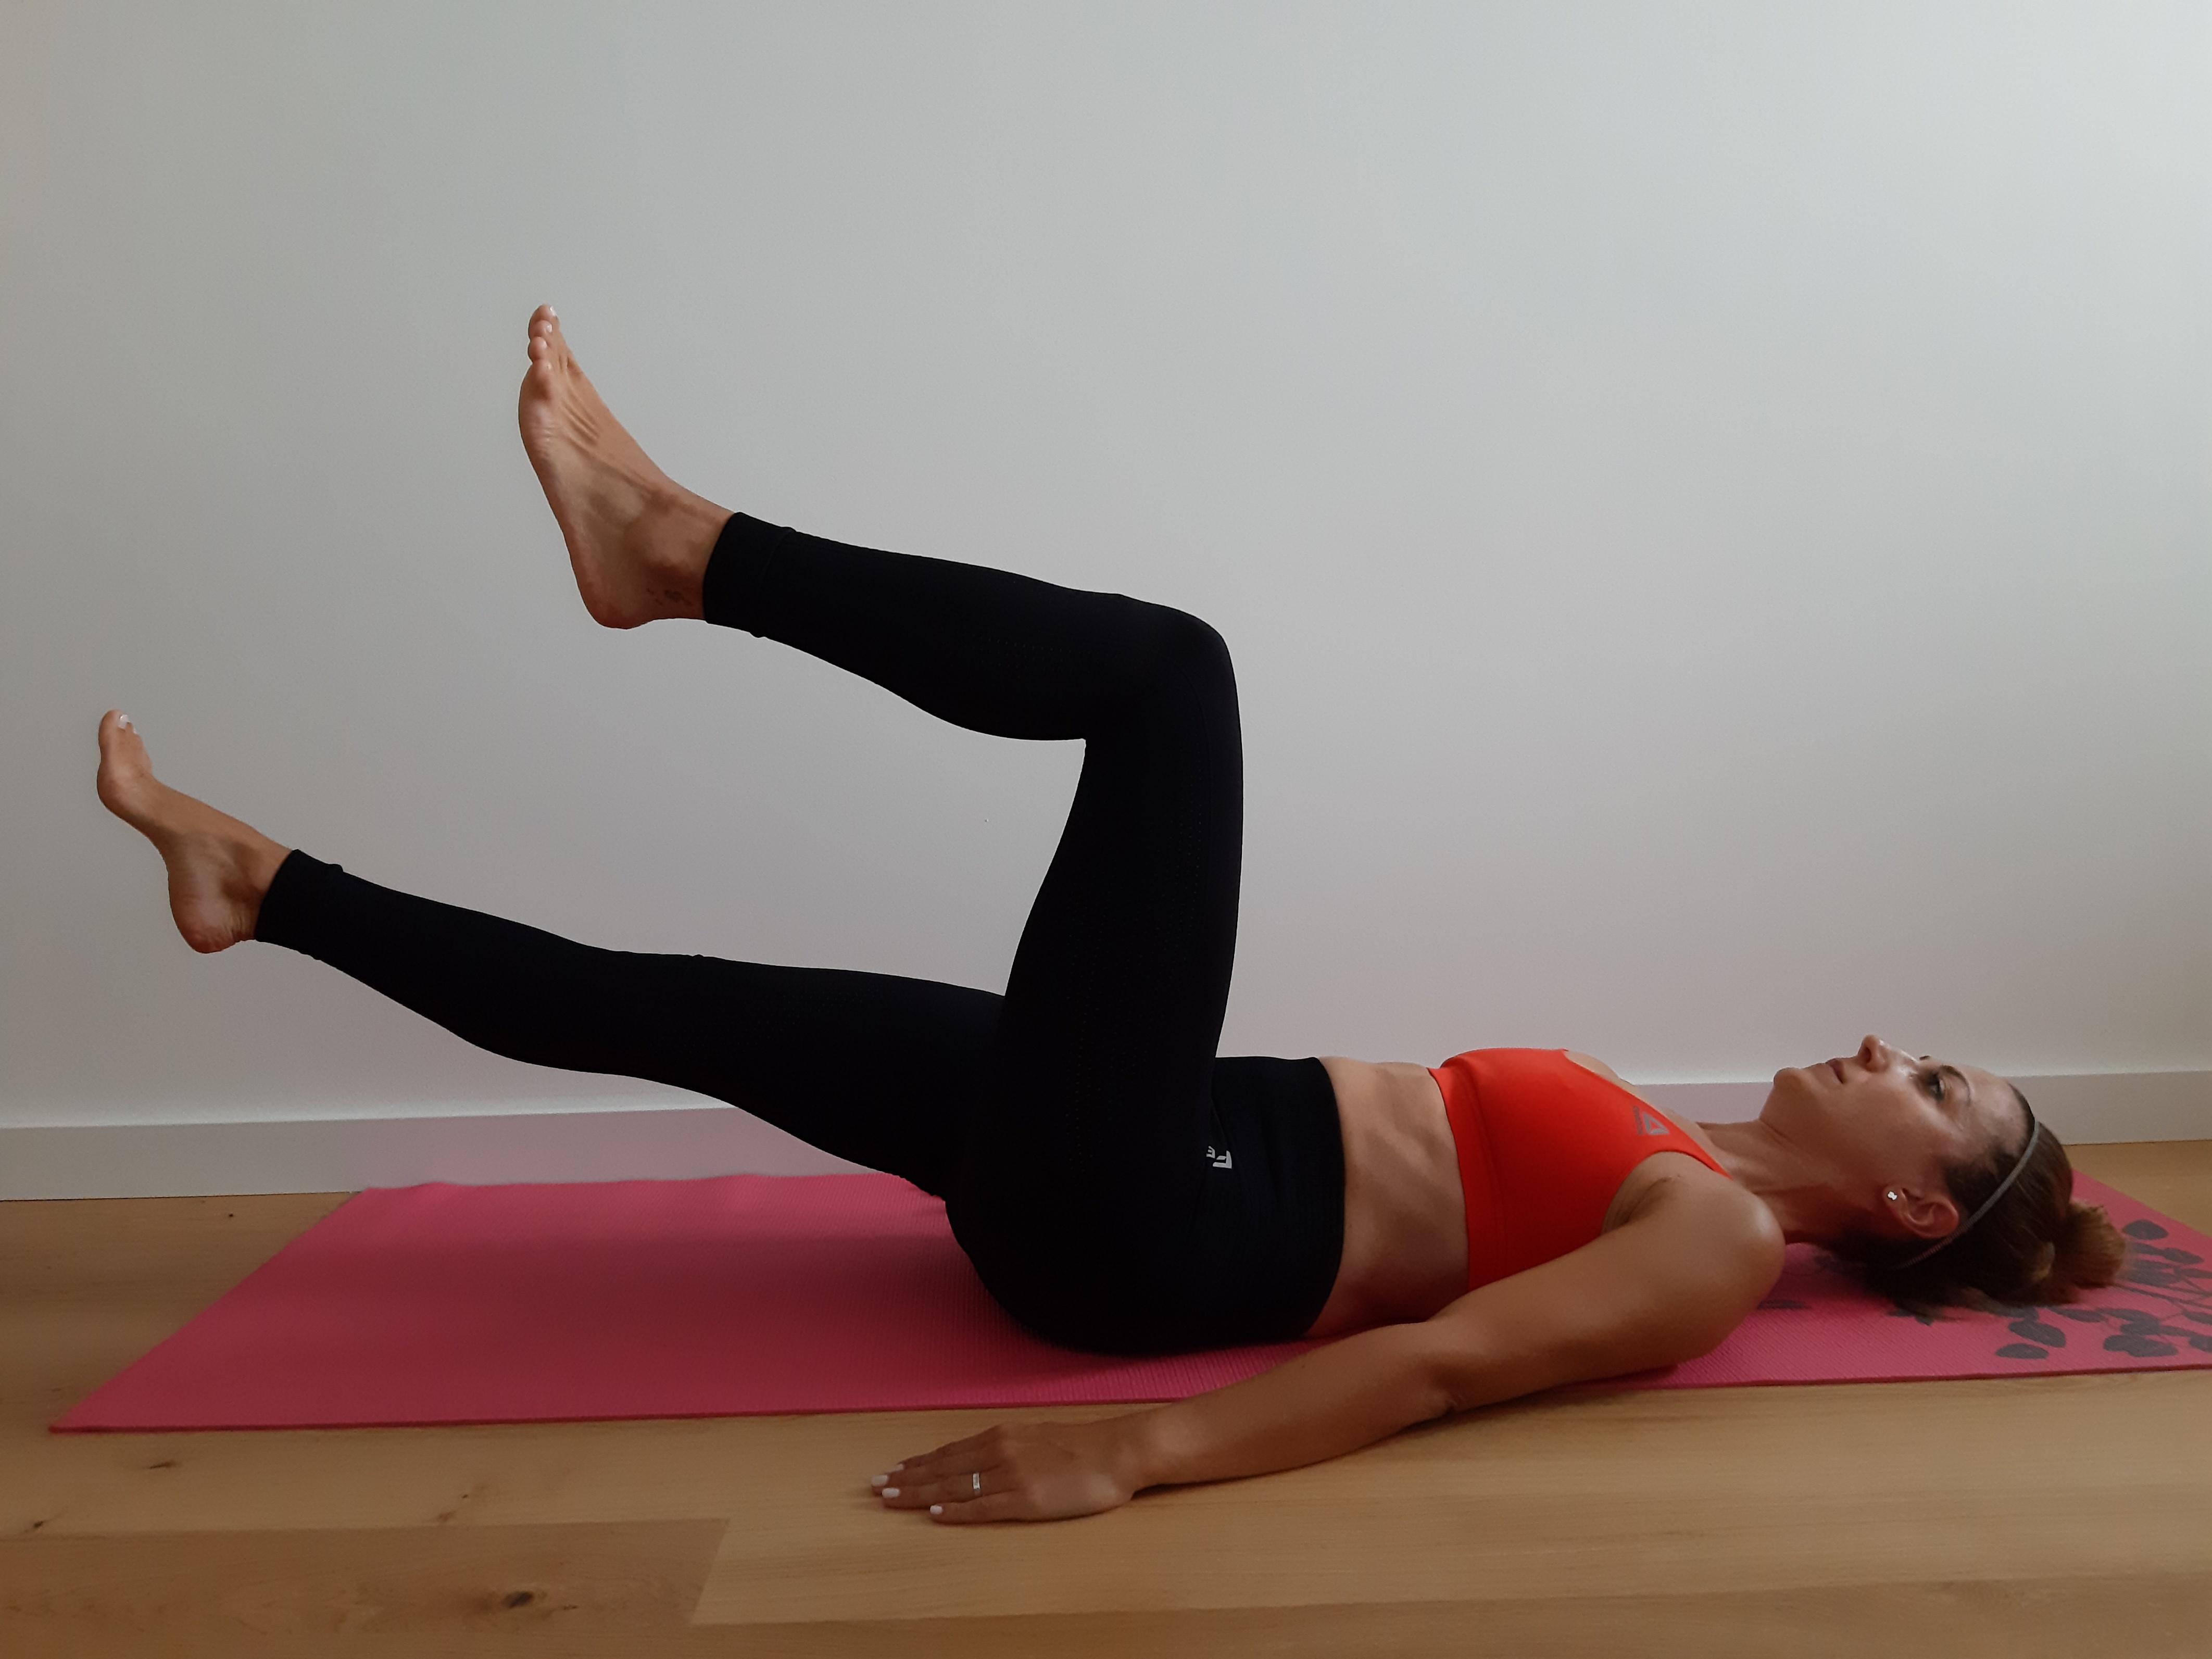 ćwiczenia mięśni brzucha prostowanie nóg